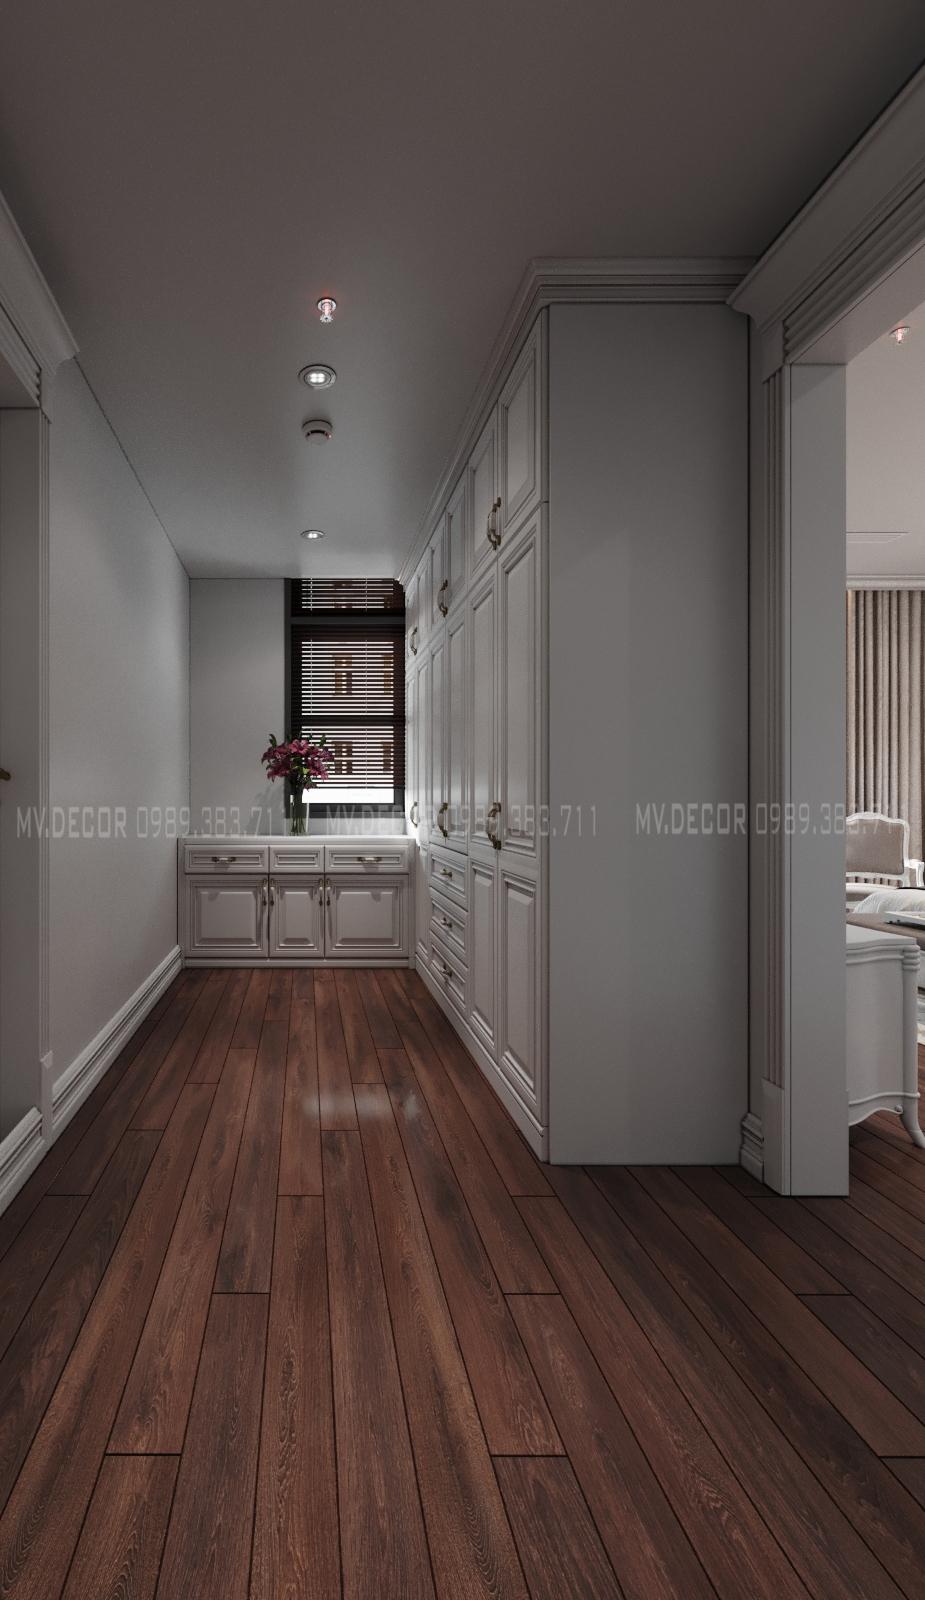 thiết kế nội thất Biệt Thự tại Hải Phòng BT VENICE 6-26 22 1564932018